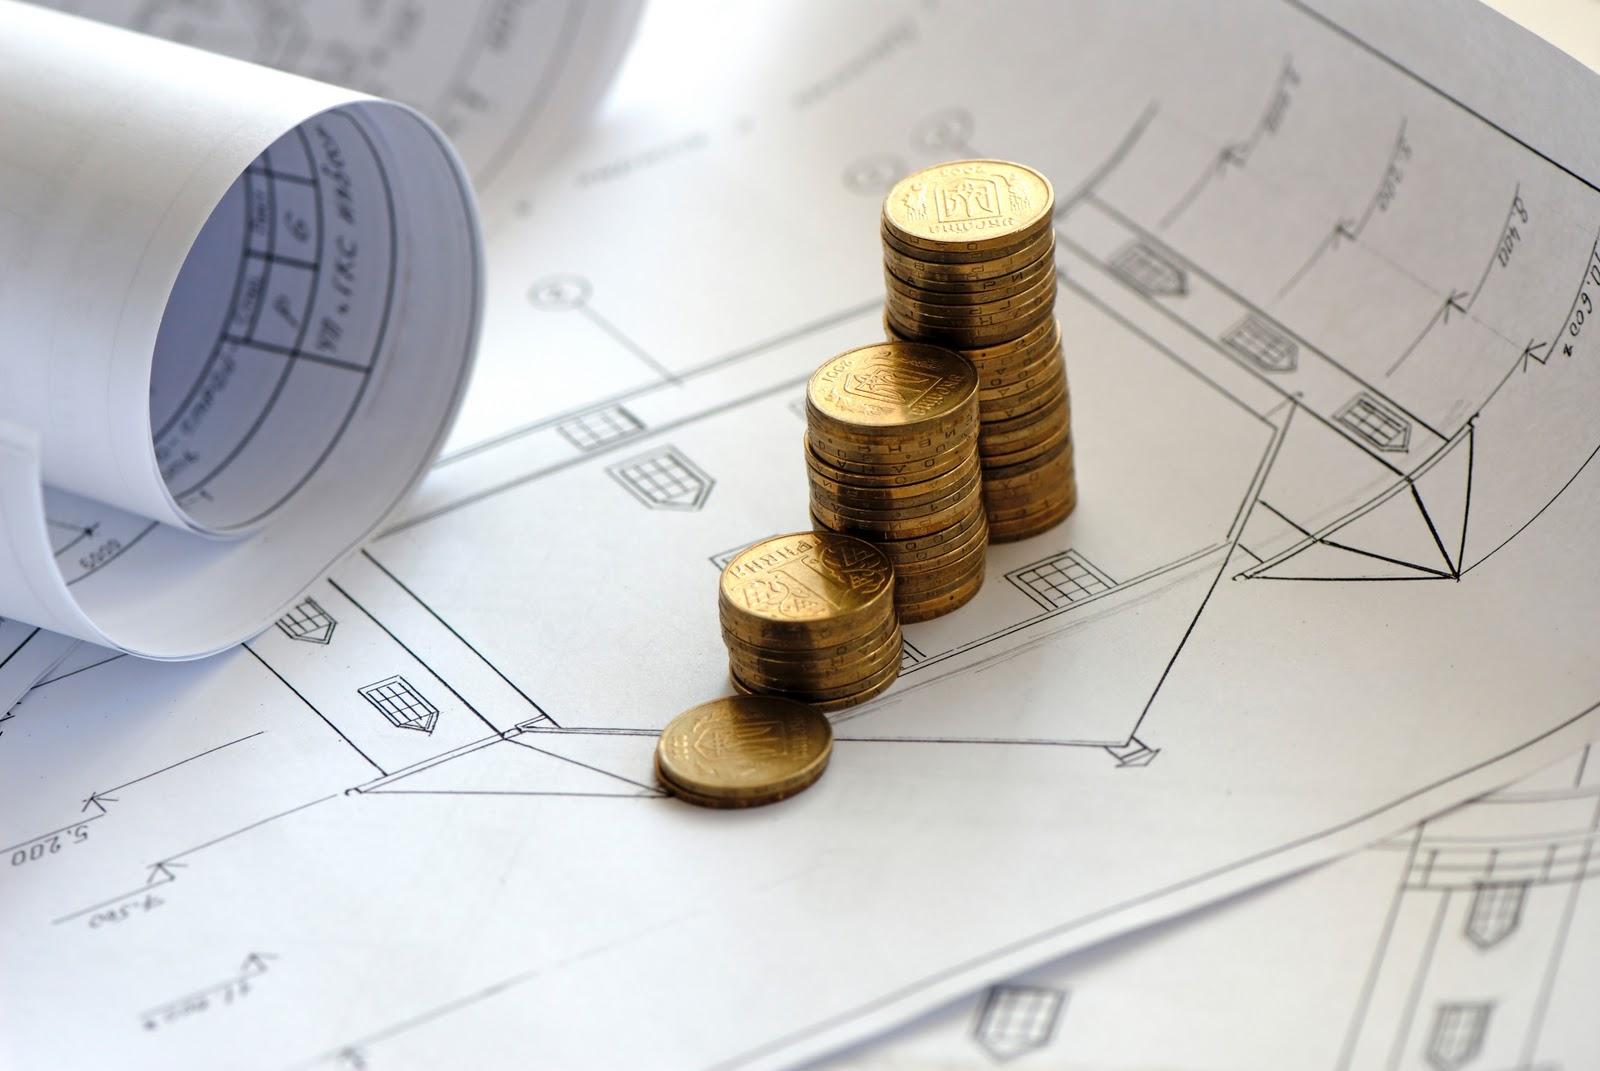 Le simulateur de crédit immobilier (Calcul de la capacité d'emprunt, mensualité, durée idéale)